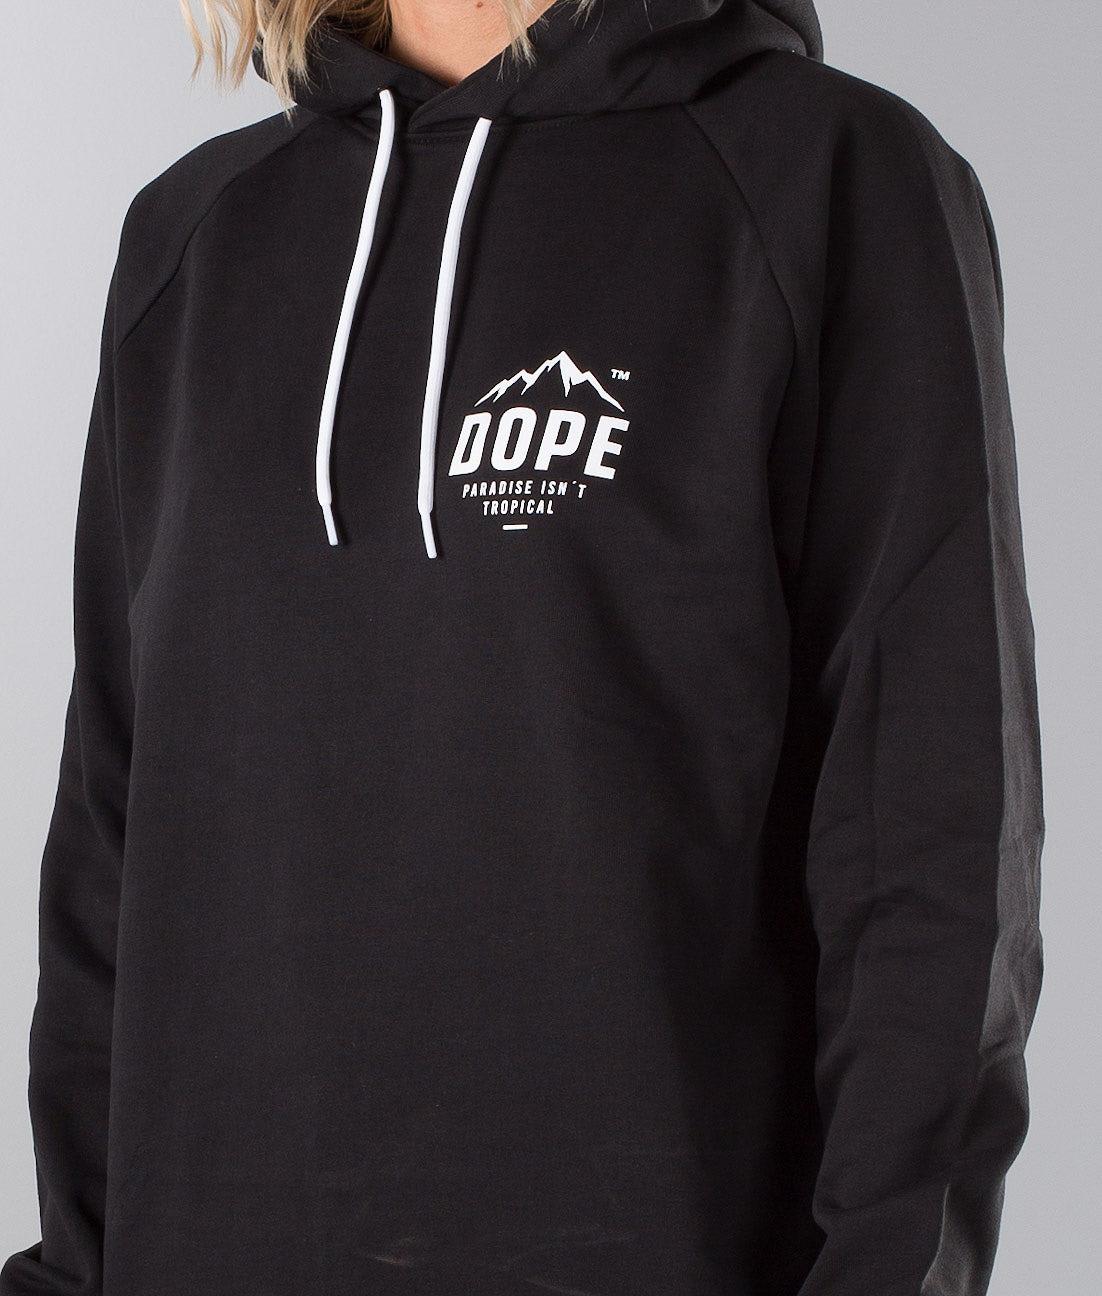 Köp Paradise II Unisex Hood från Dope på Ridestore.se Hos oss har du alltid fri frakt, fri retur och 30 dagar öppet köp!